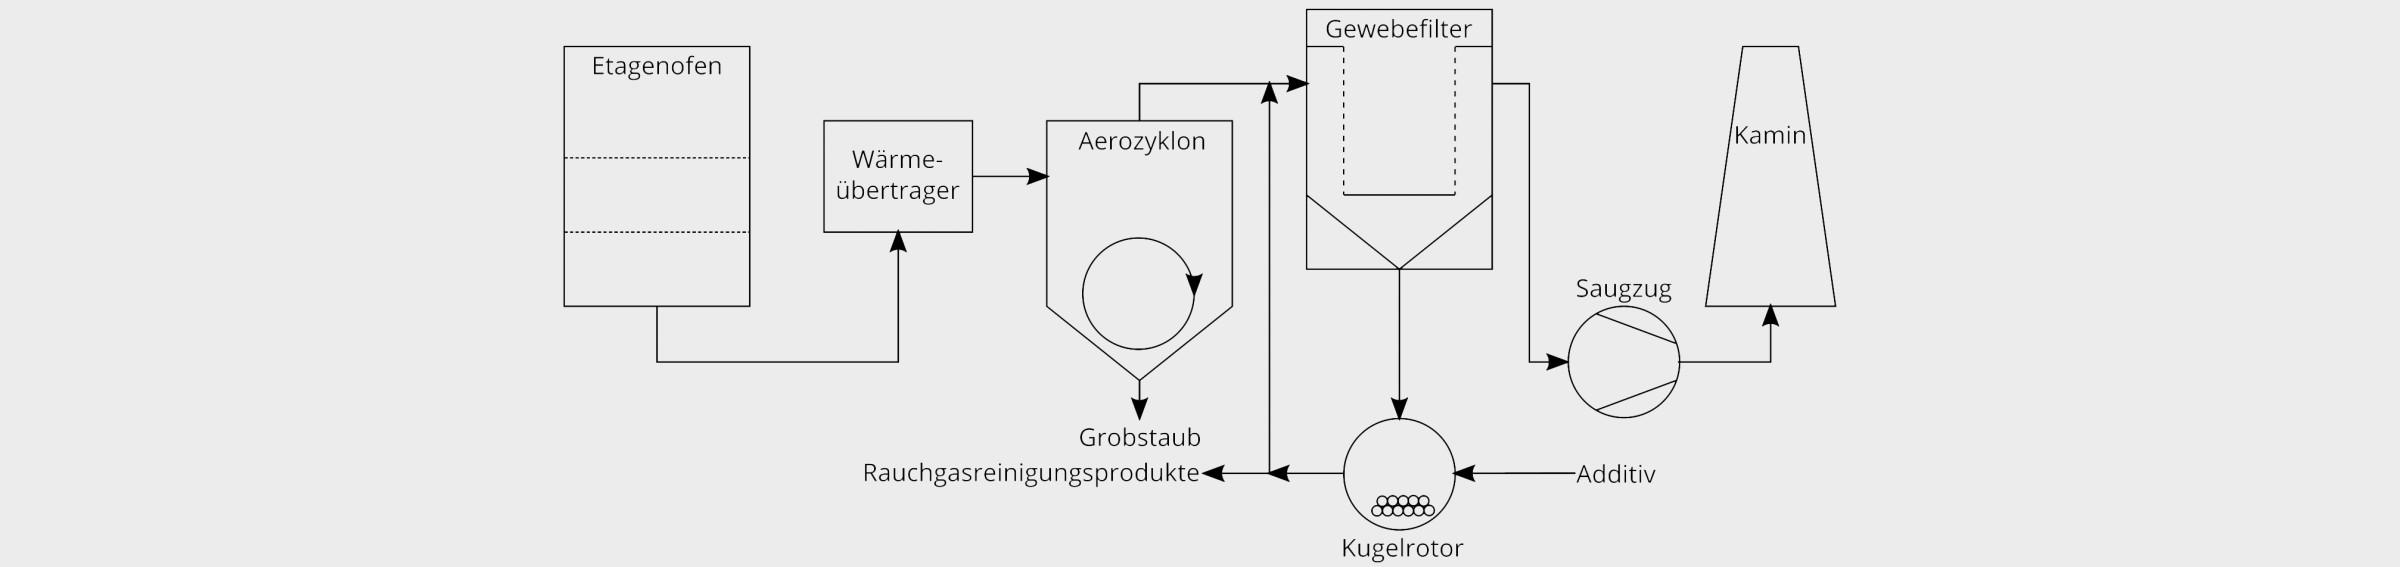 Bild 3. Verfahrensschema eines Krematoriums mit Flugstromverfahren. Bild: Technische Universität Dresden